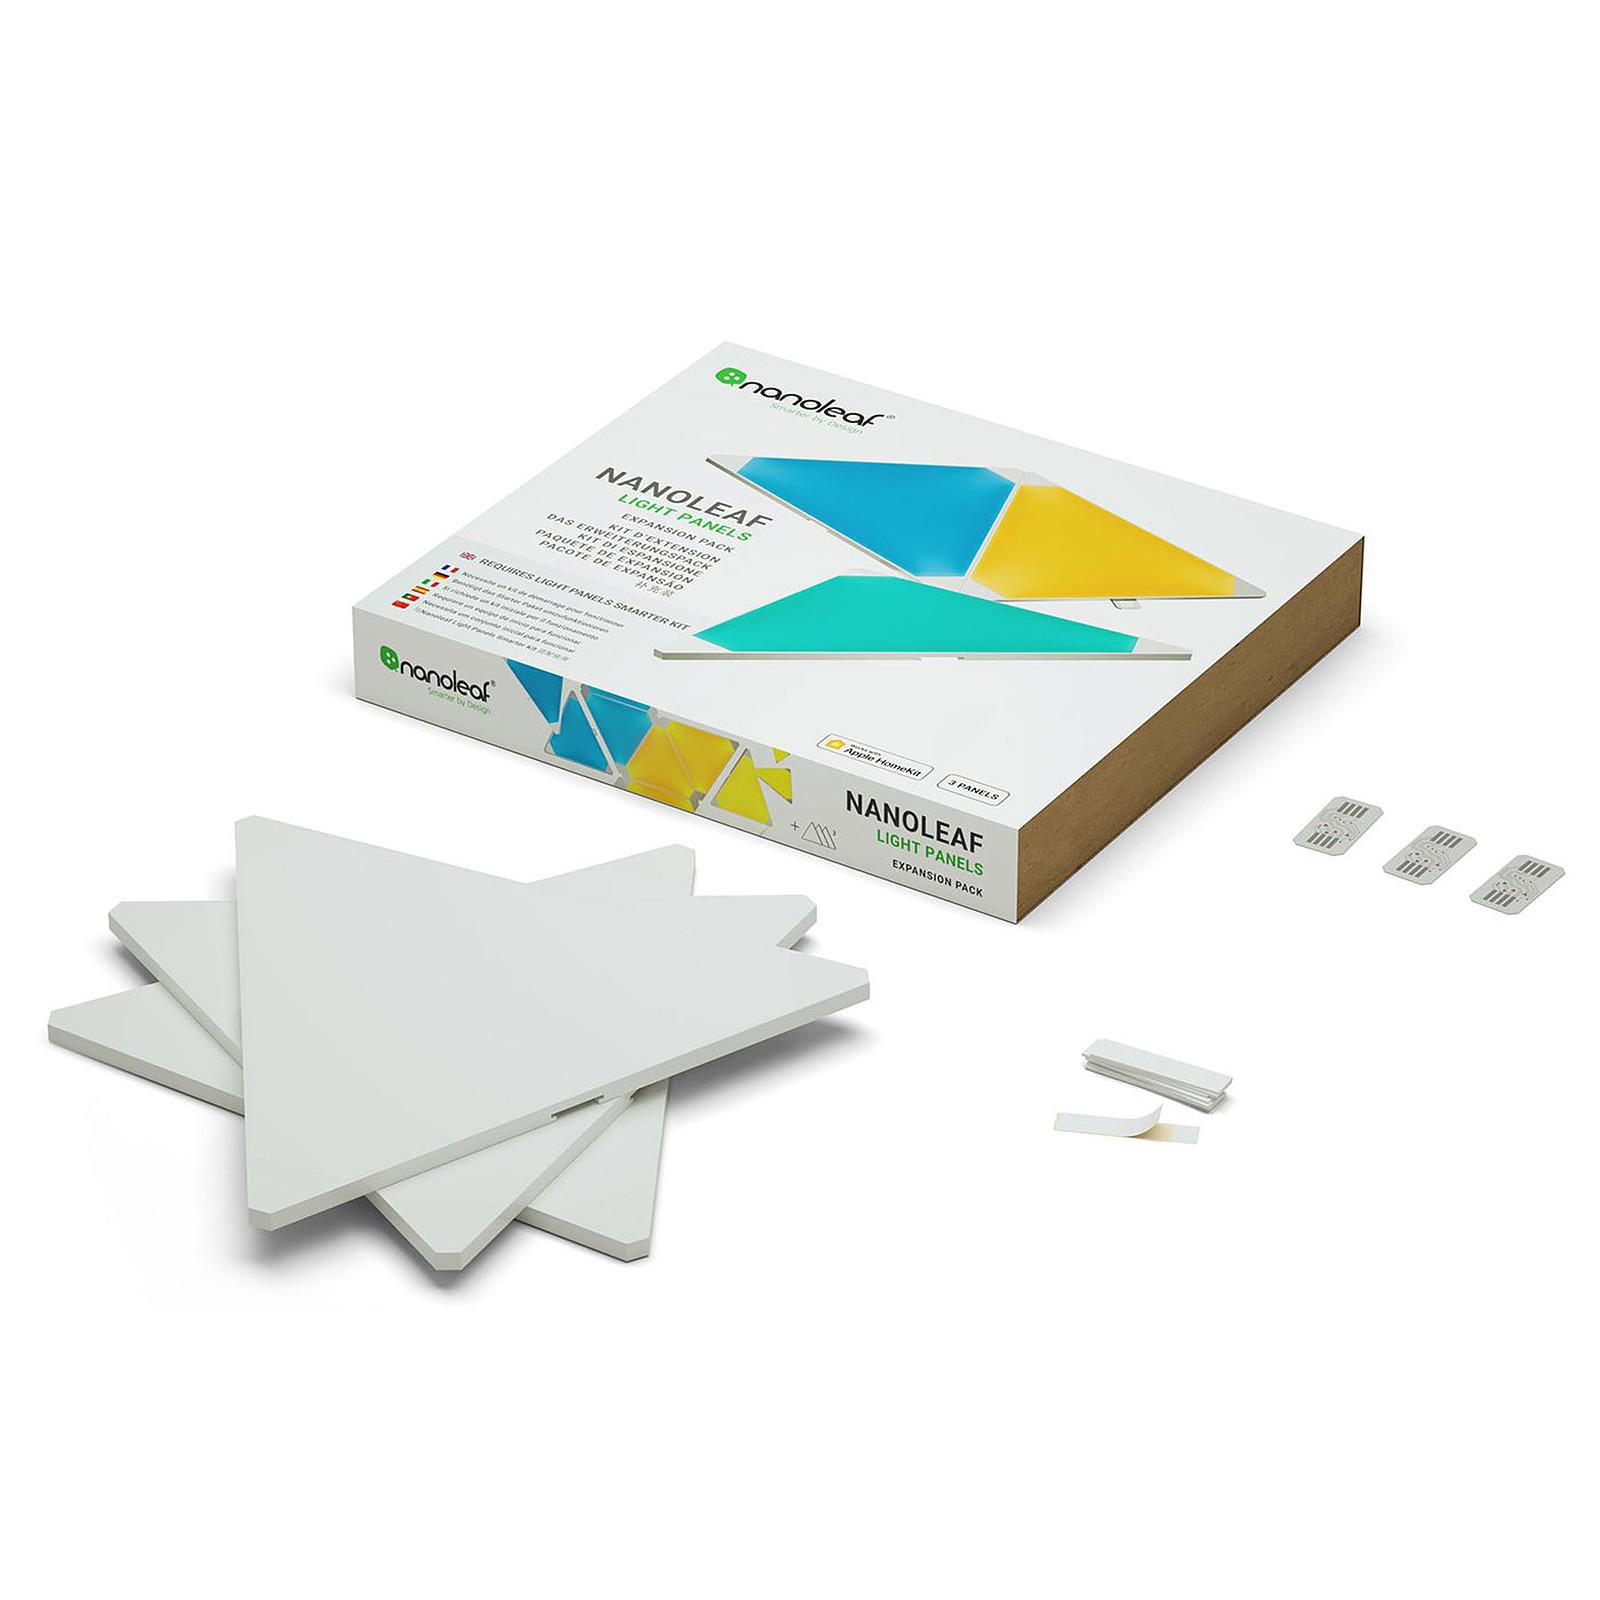 Nanoleaf Expansion Pack